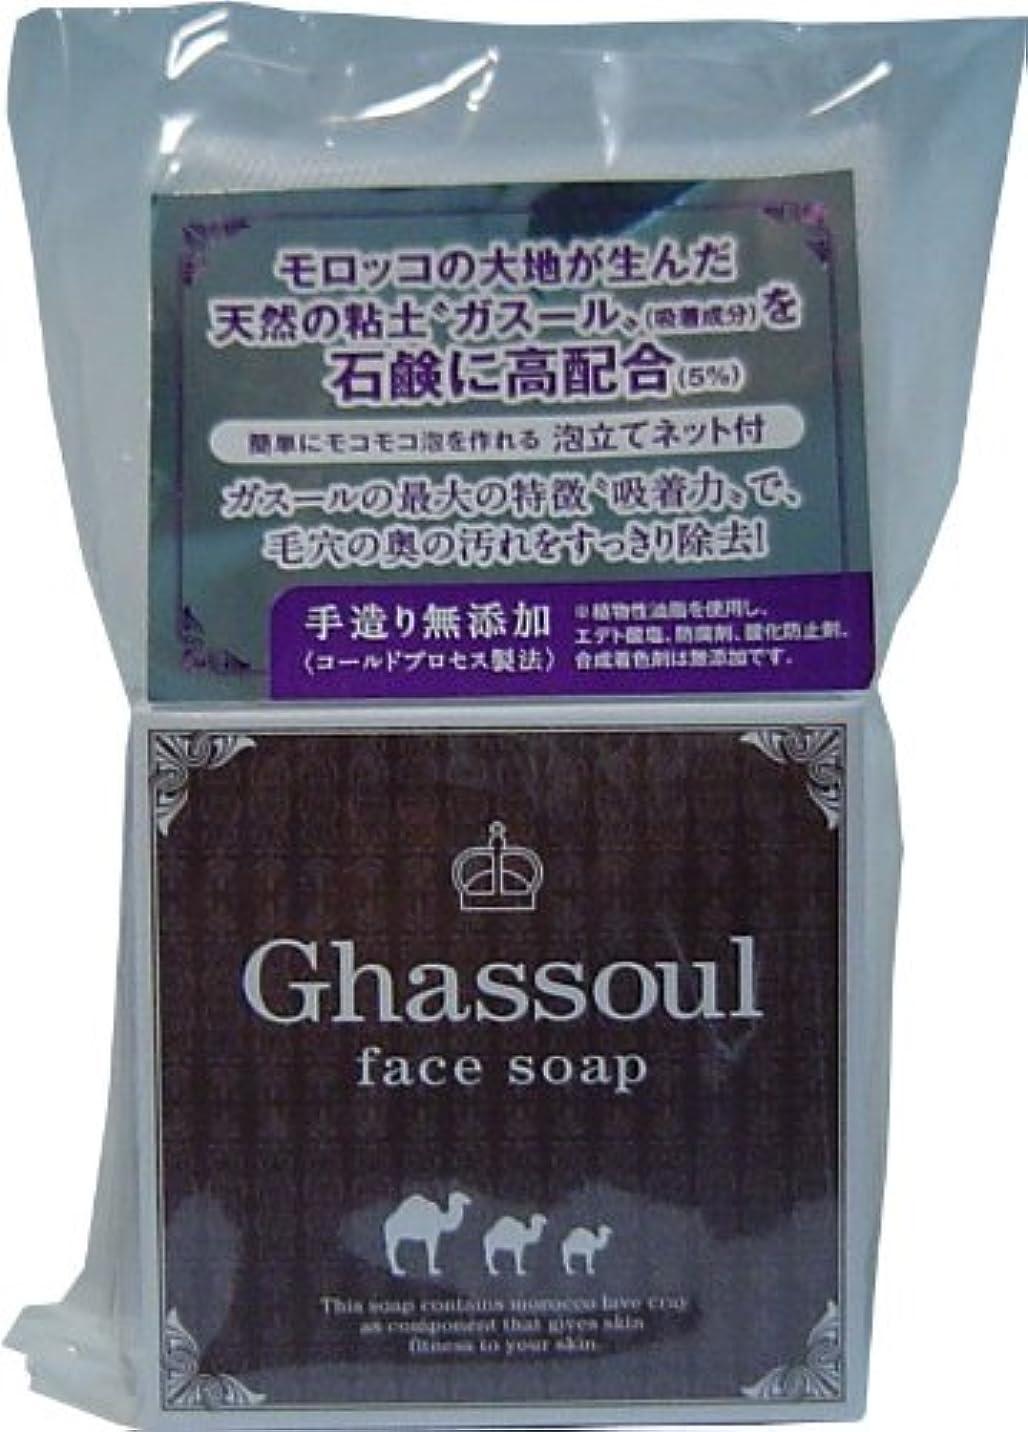 続編合理化ブラジャーGhassoul face soap ガスールフェイスソープ 100g ×10個セット